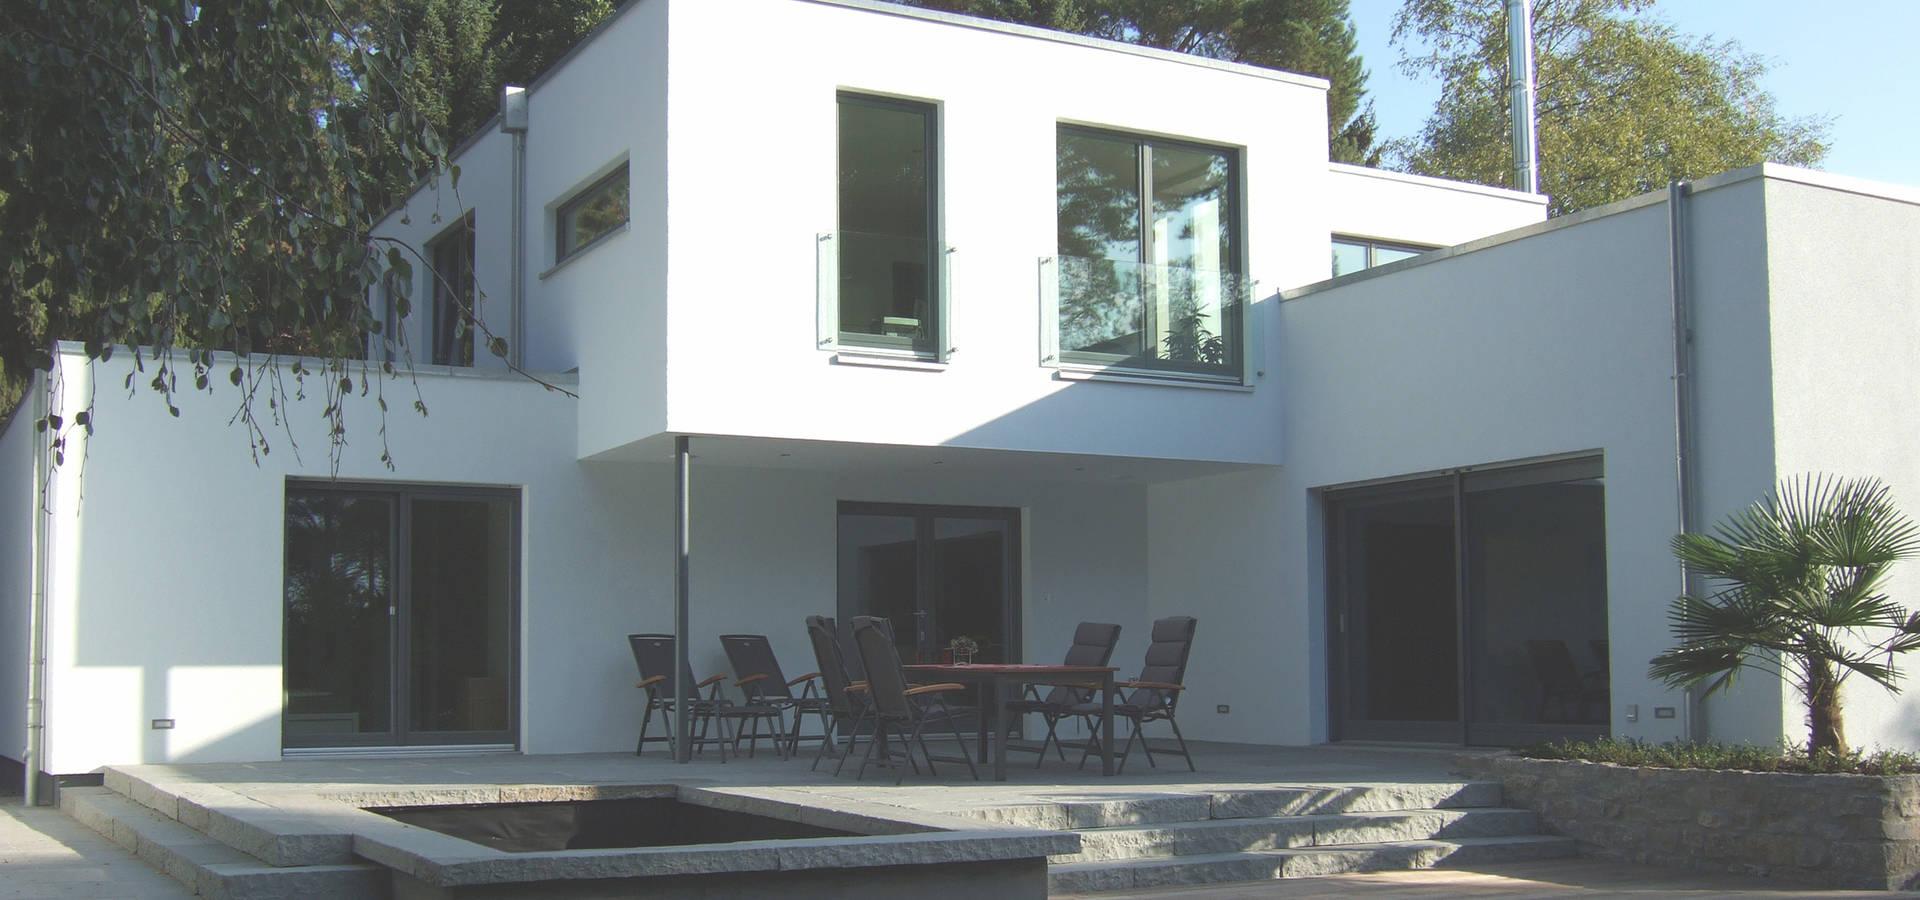 Architekten Hannover zymara und loitzenbauer architekten bda architekten in hannover